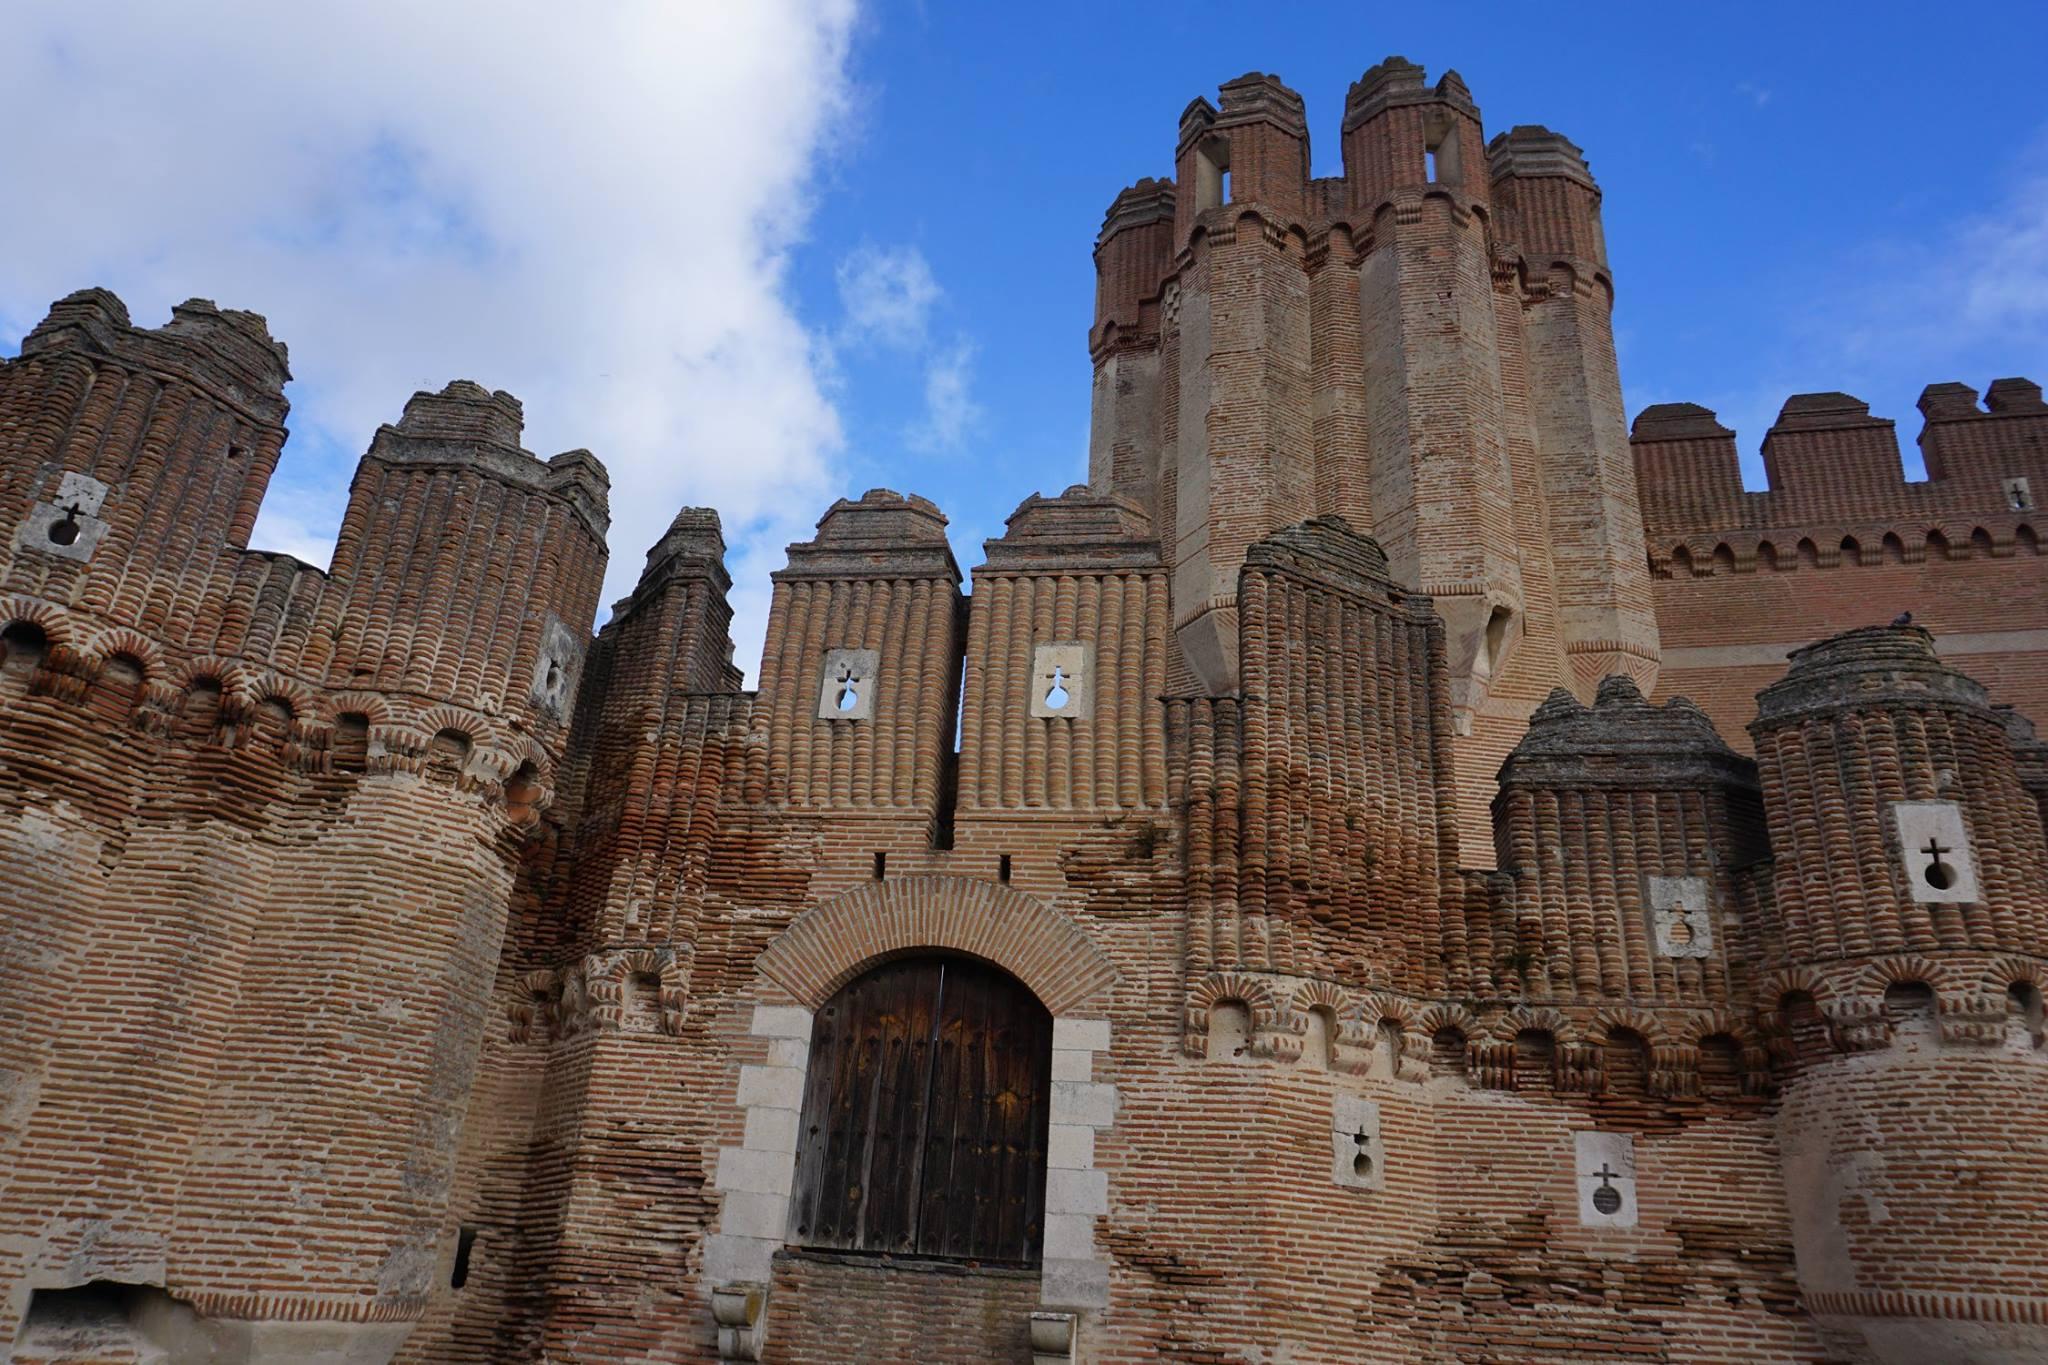 Castillo de Coca murallas